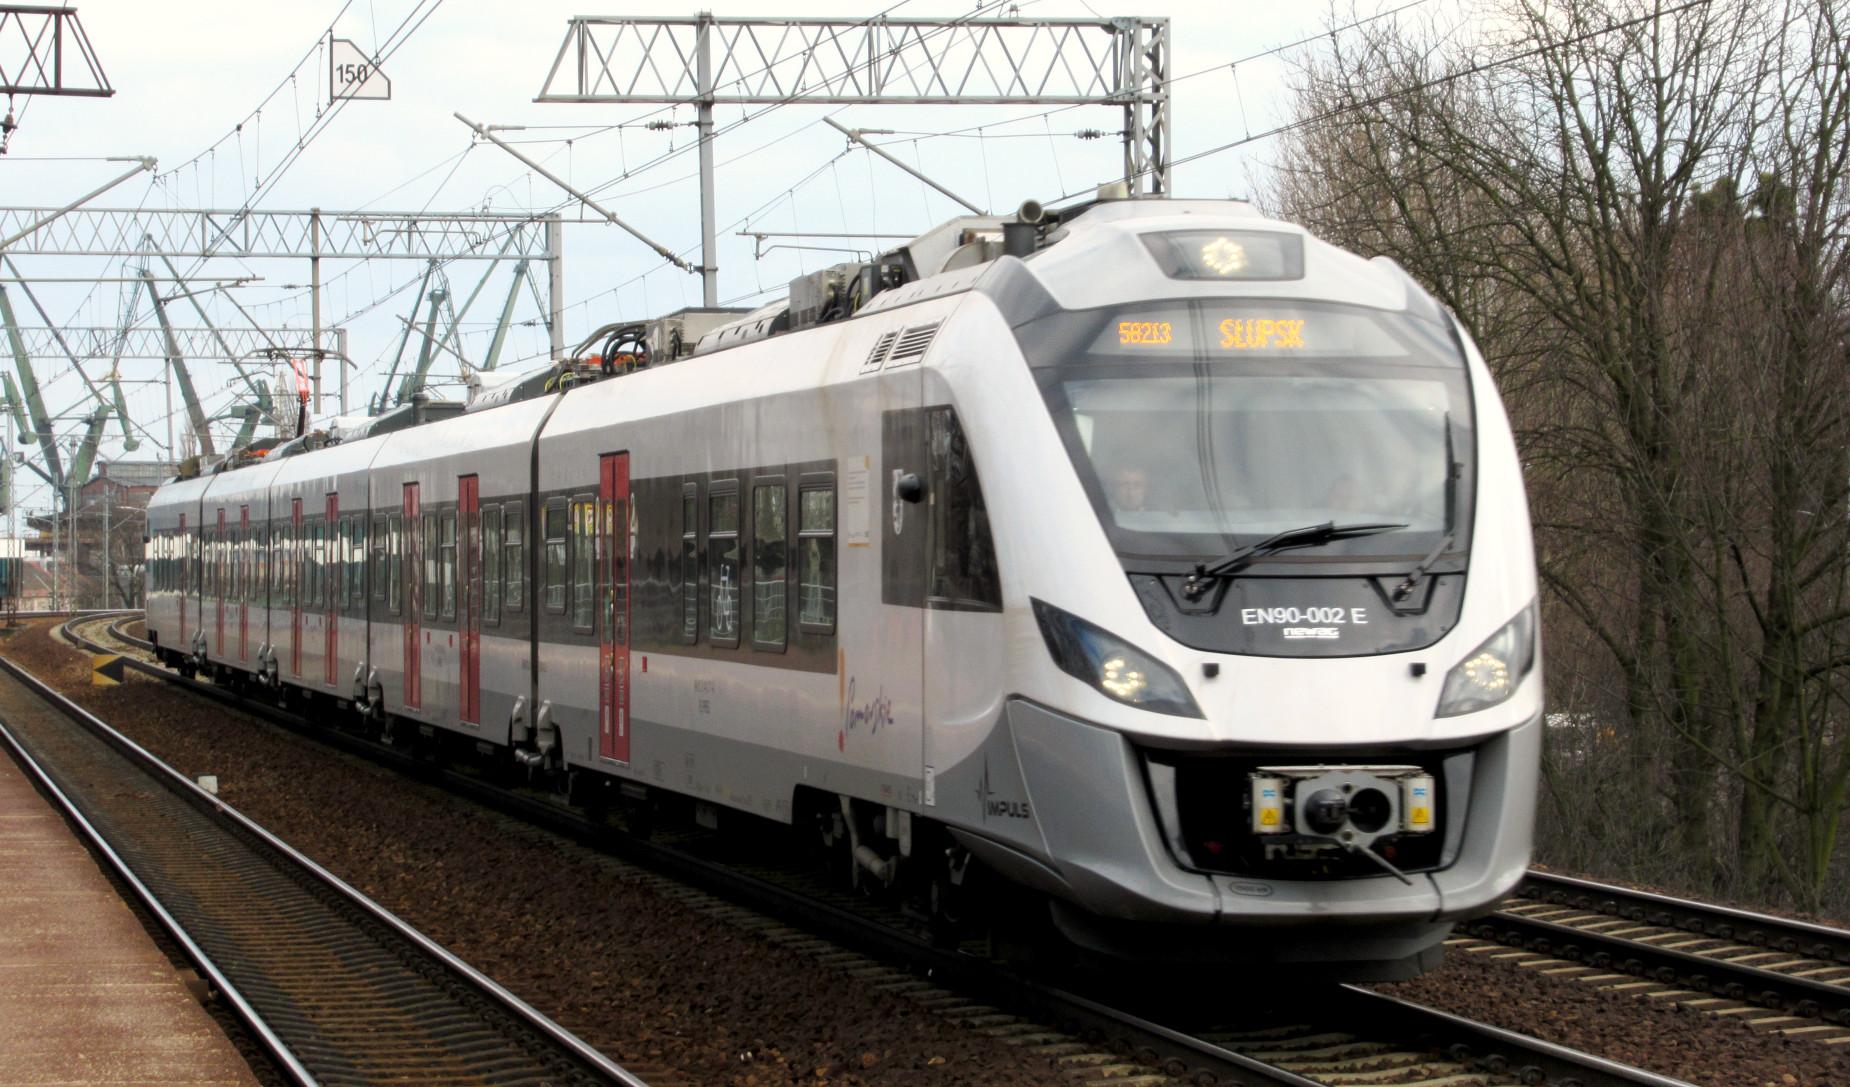 Dobra informacja dla pasażerów. Z Tczewa do Gdańska pociągi pojadą nawet co 10 minut